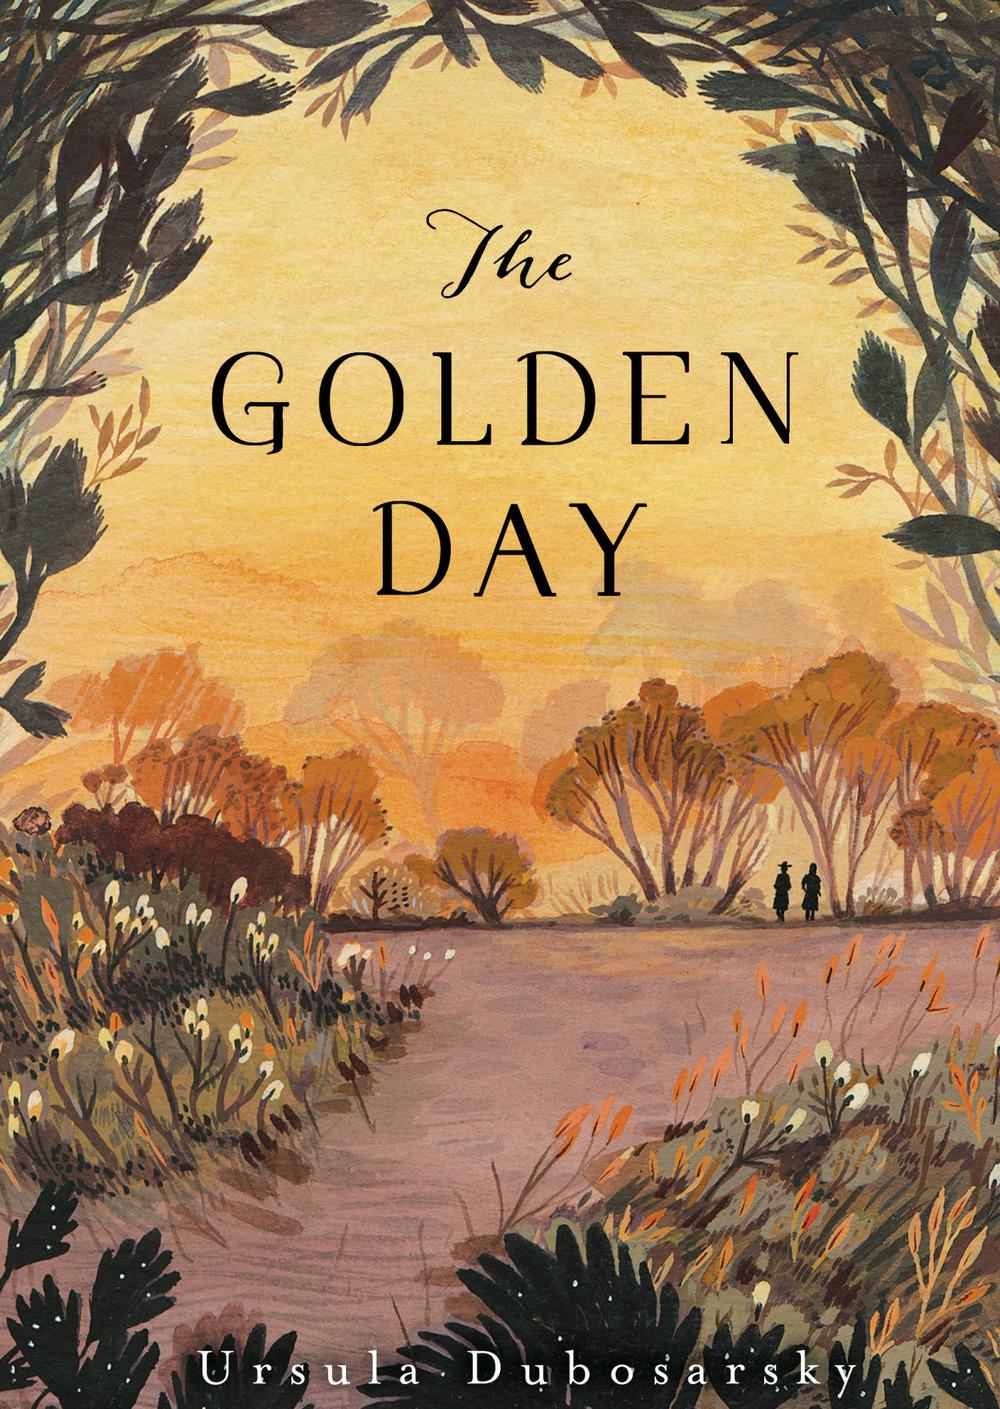 GOLDEN DAY US COVER HI RES.jpg